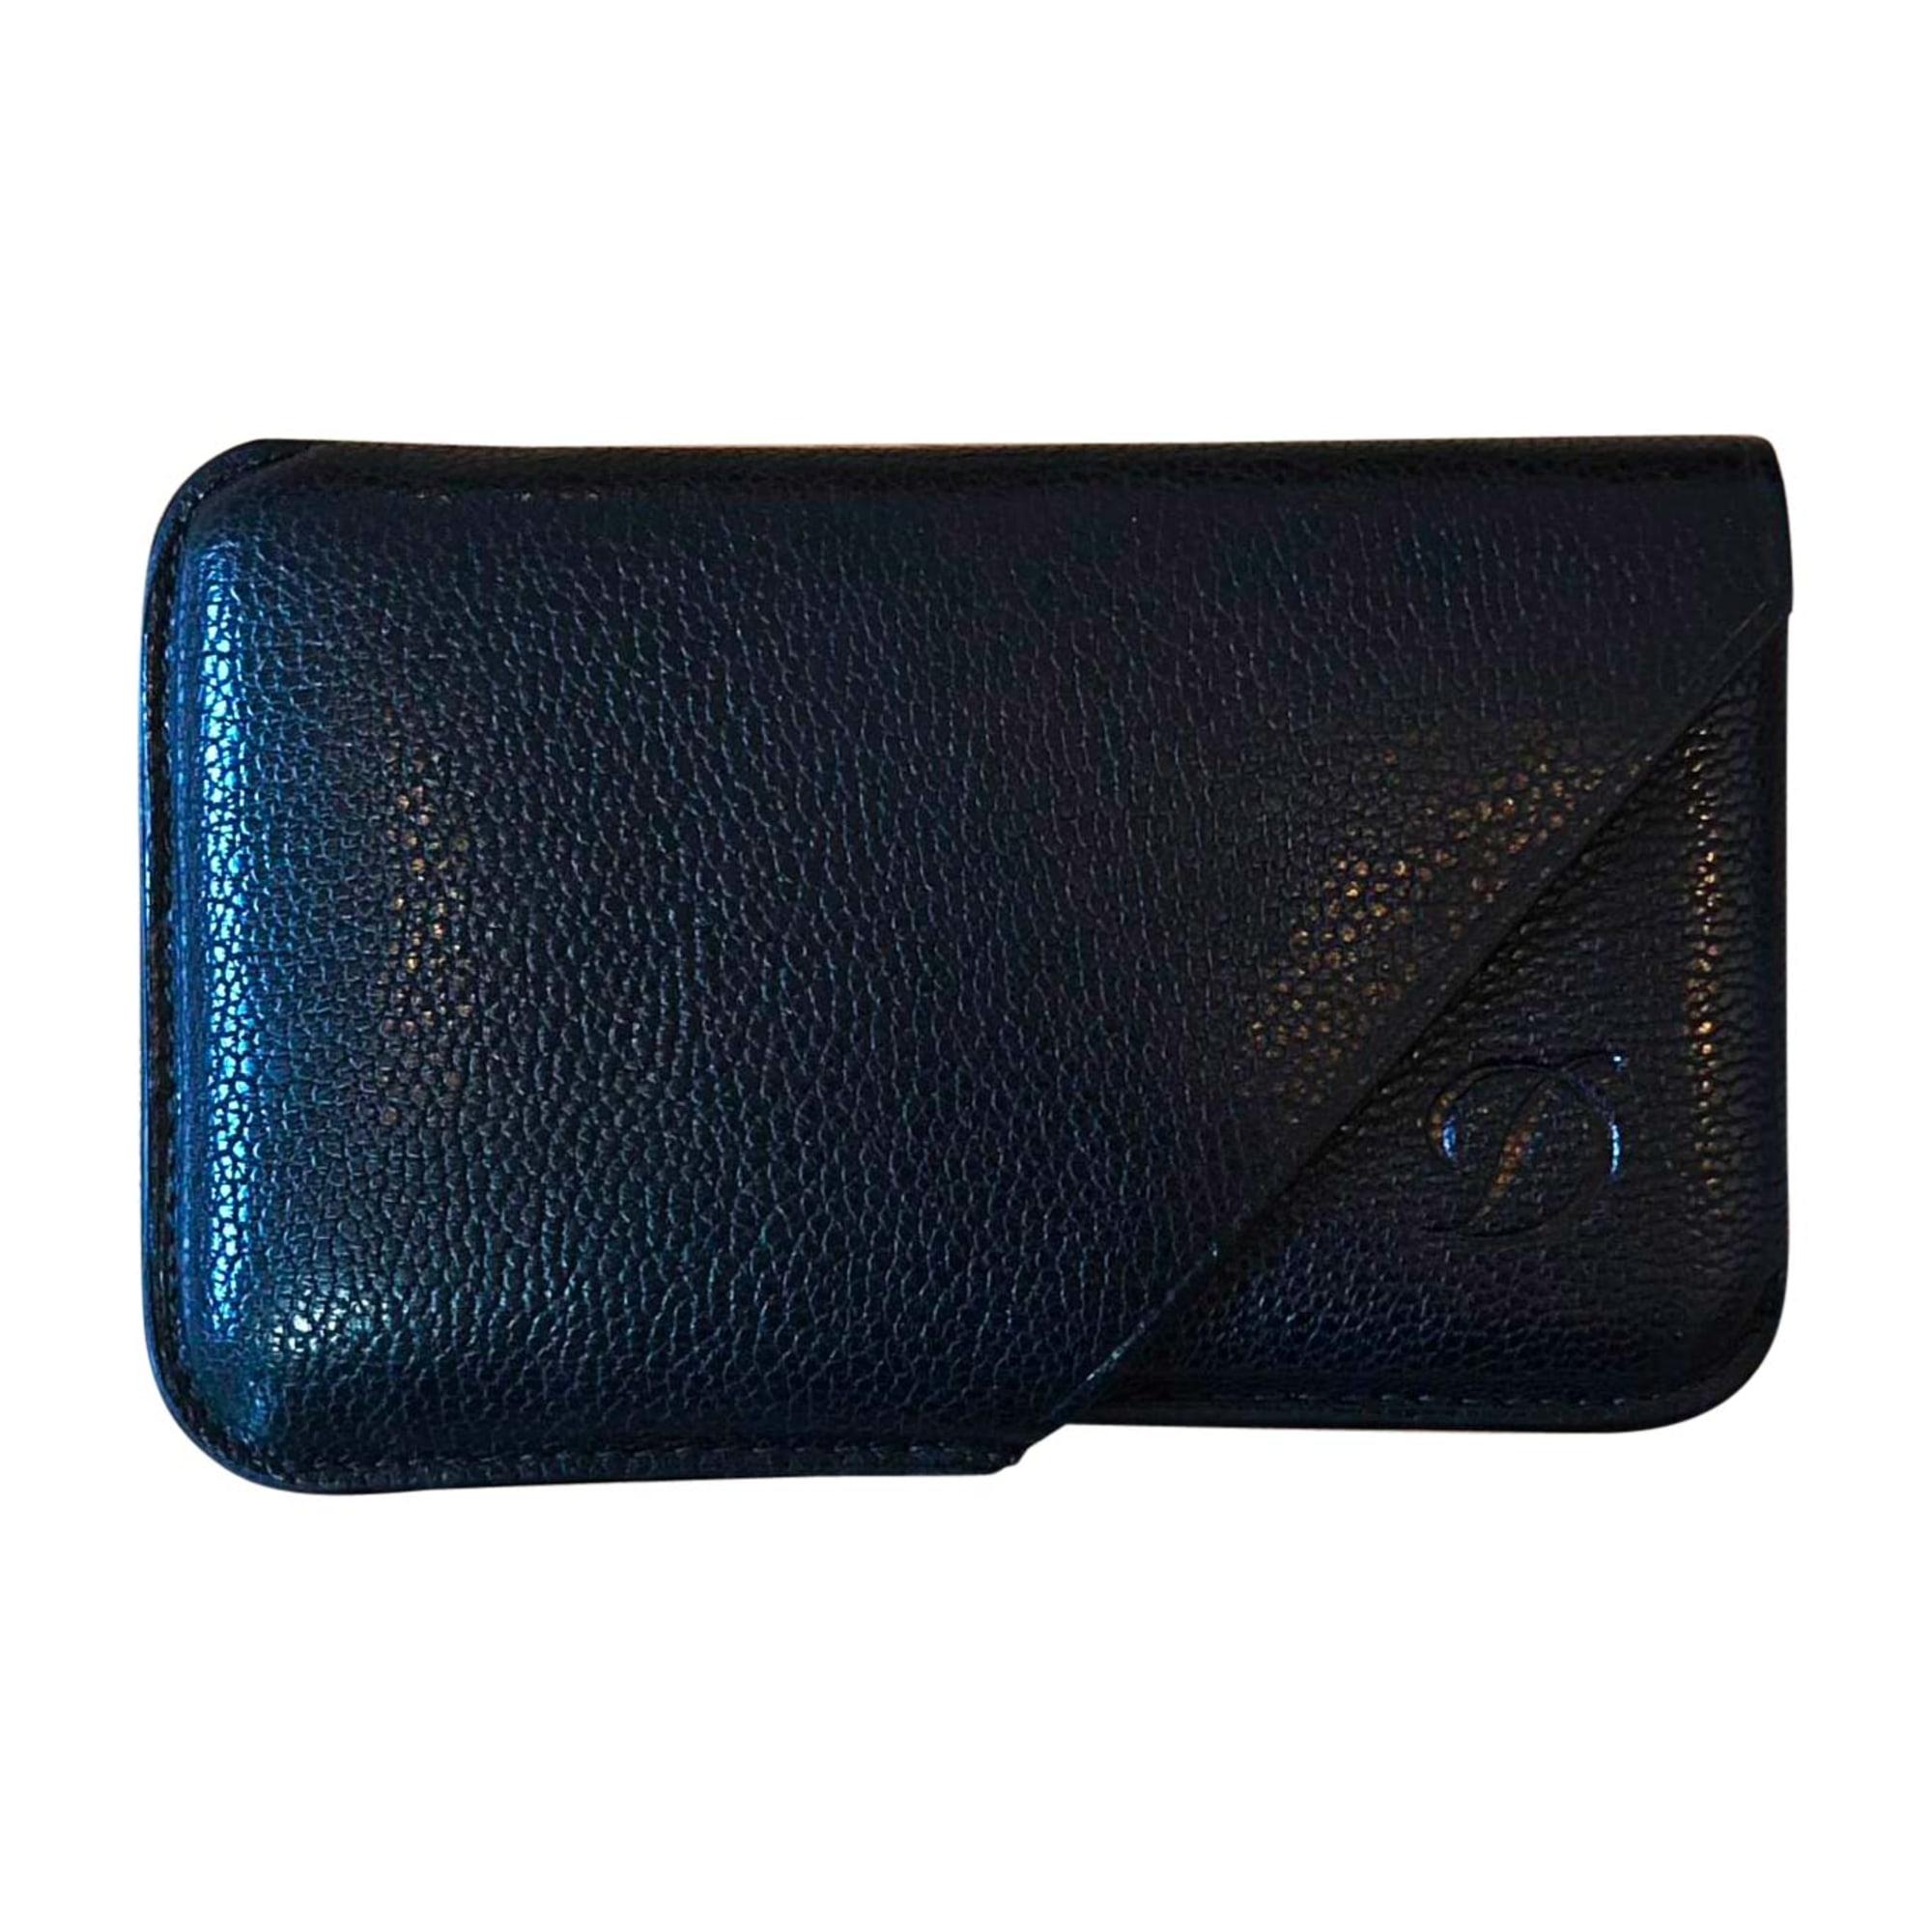 Porte-cartes ST DUPONT cuir noir